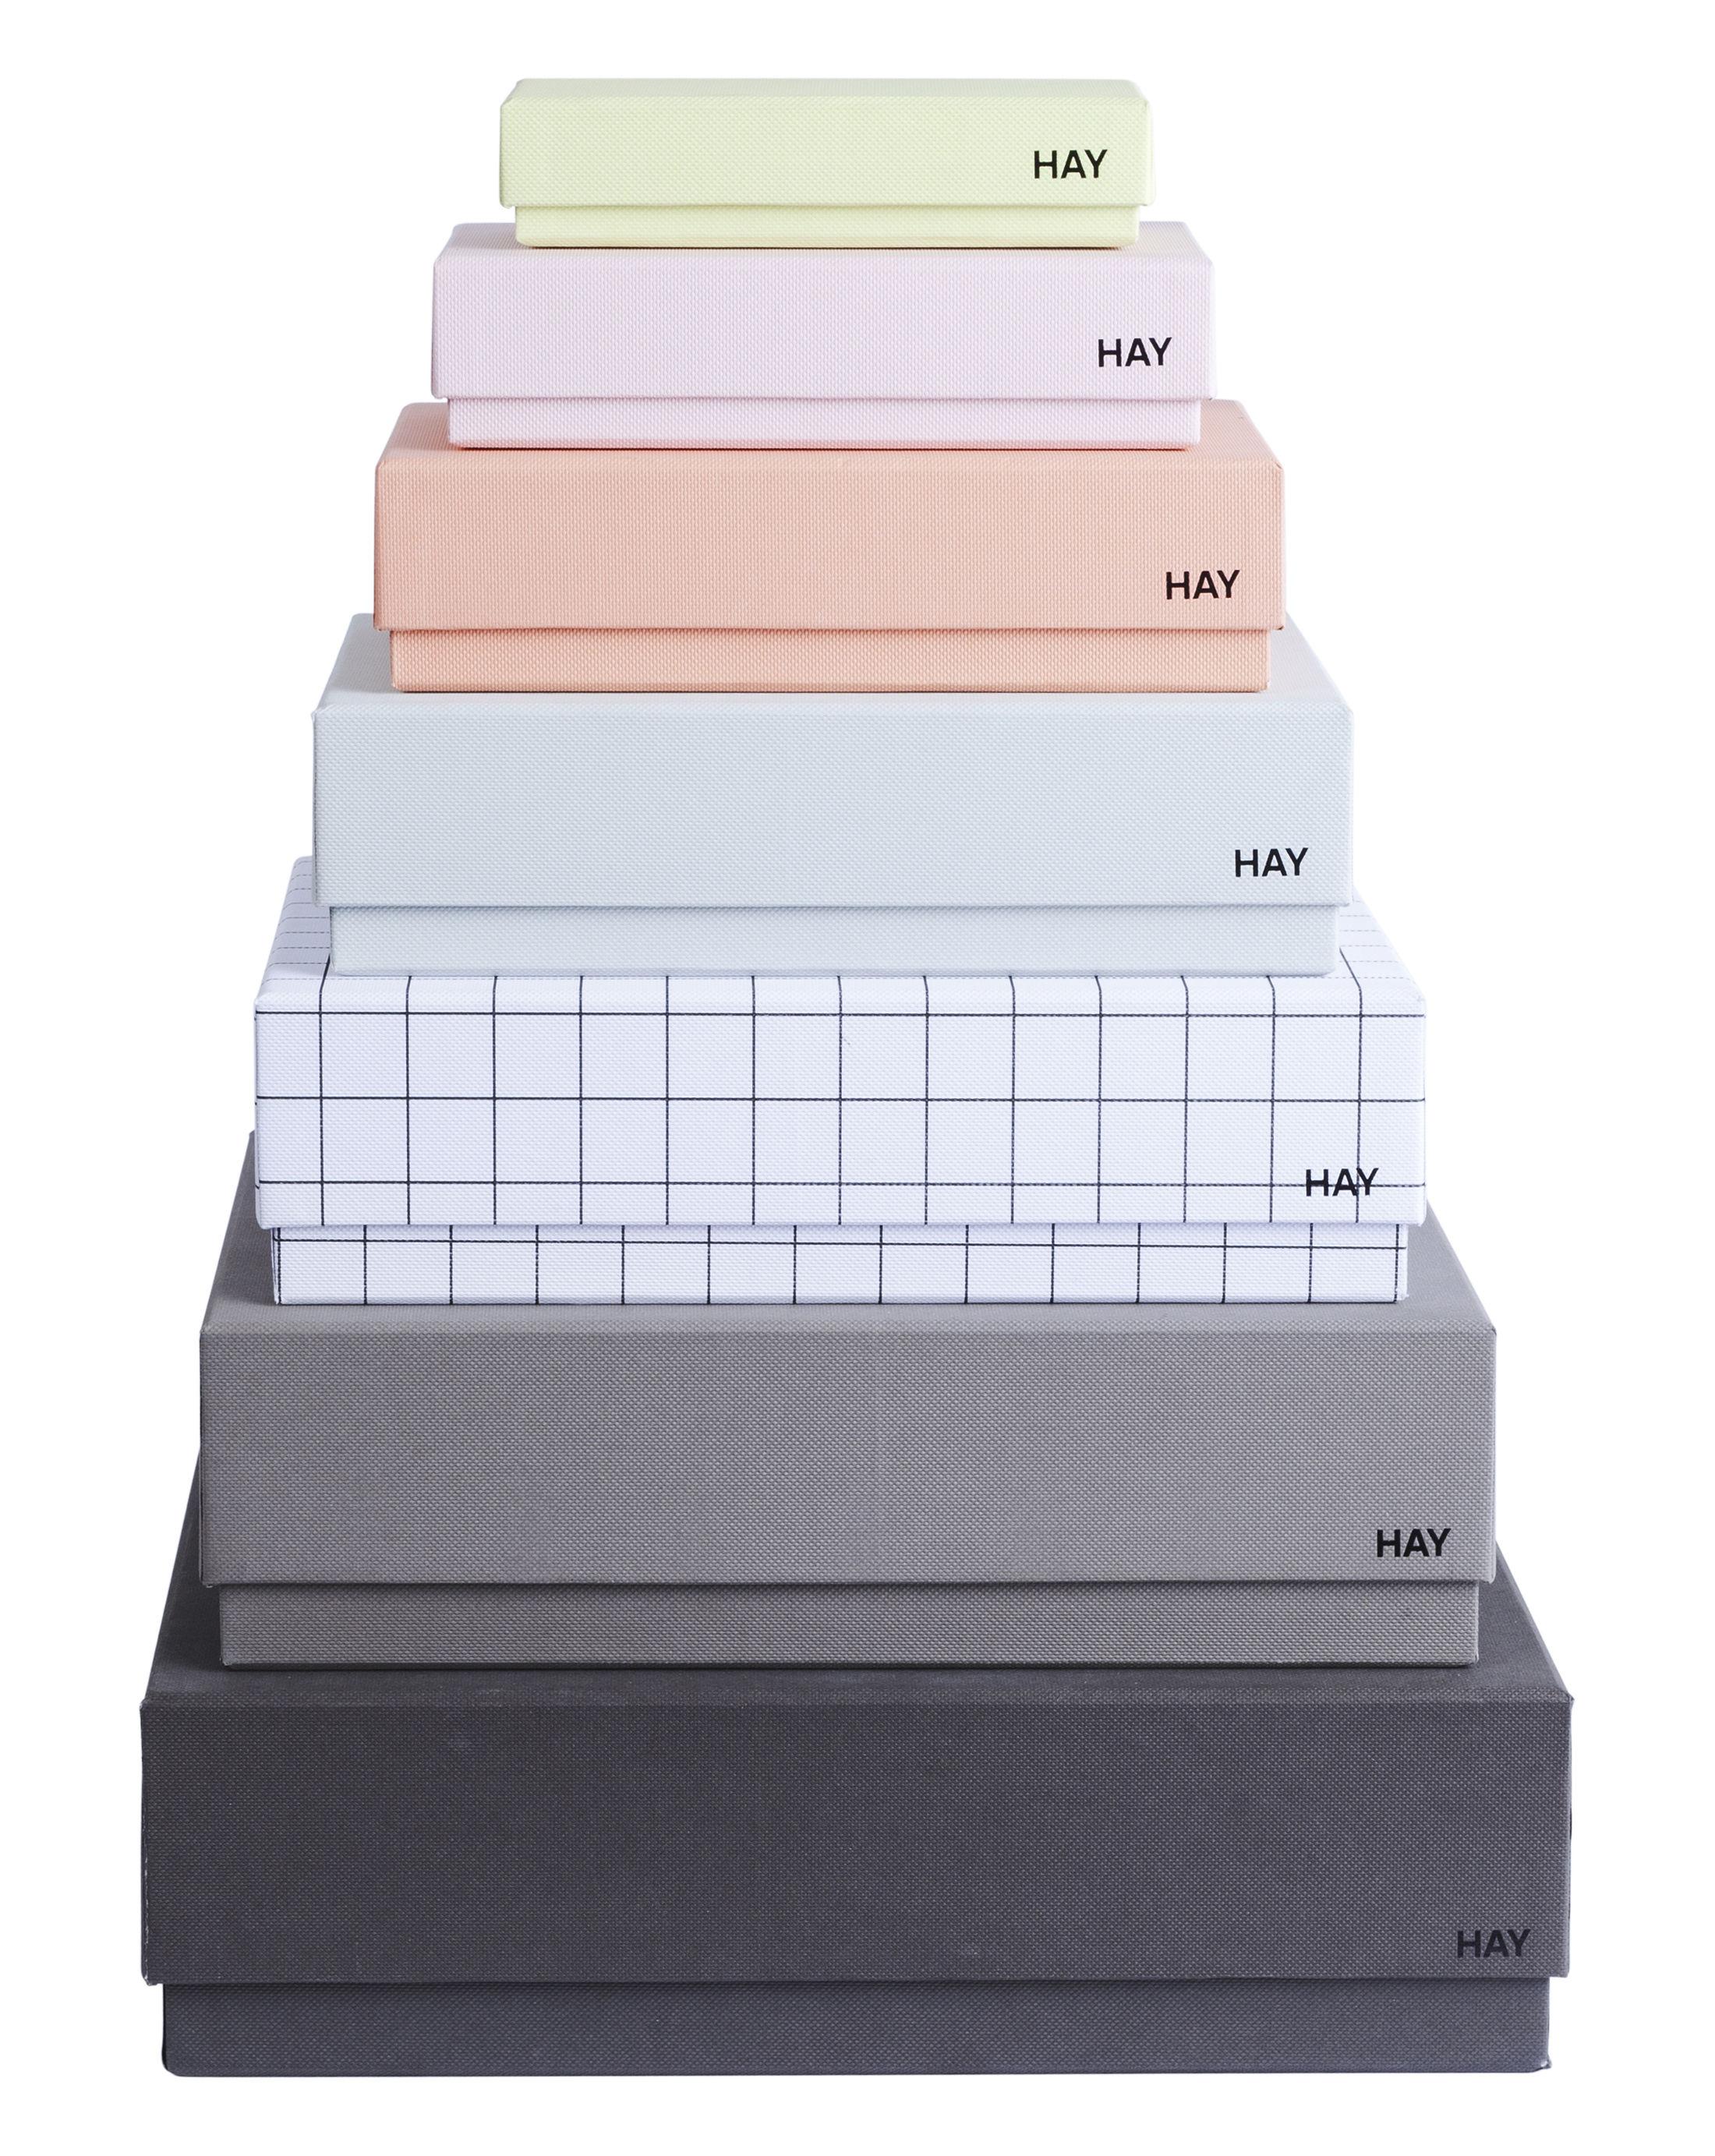 Accessoires - Accessoires bureau - Boîte Box Box / Set 7 boîtes - Hay - Set 7 couleurs féminines / Multicolore - Carton